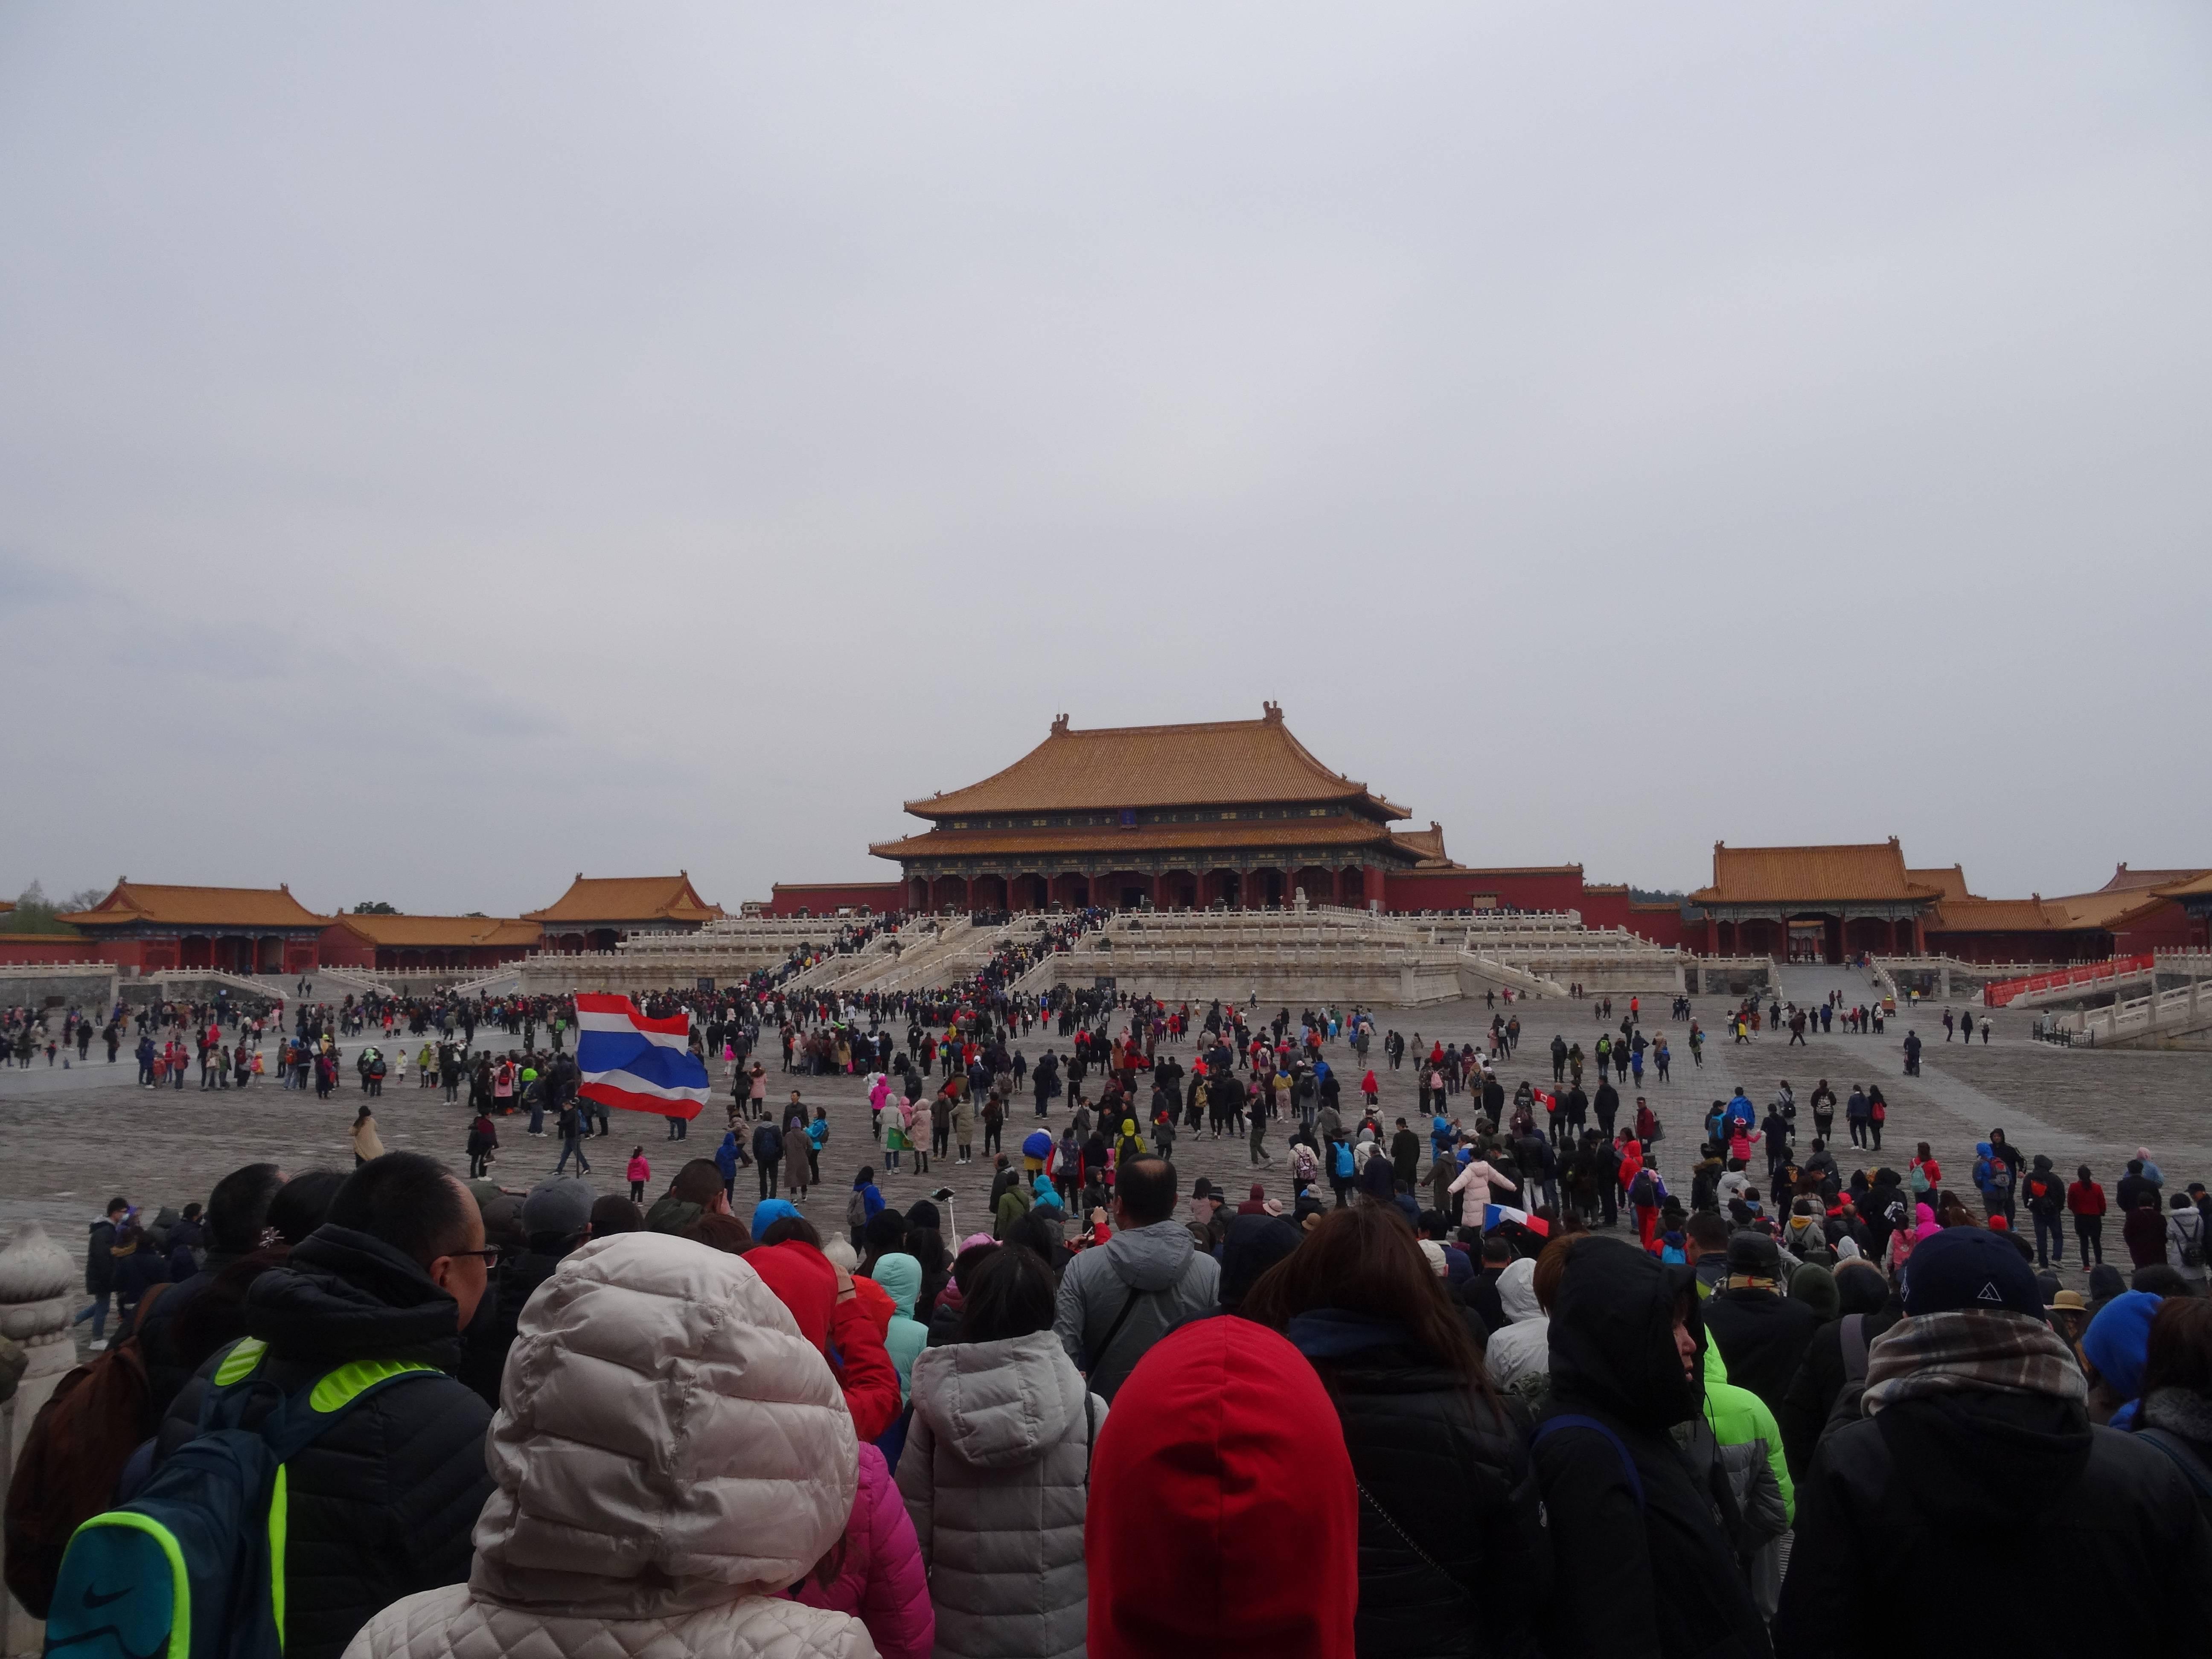 Photo 1: La Cité interdite à Pékin....en compagnie de milliers de touristes...chinois